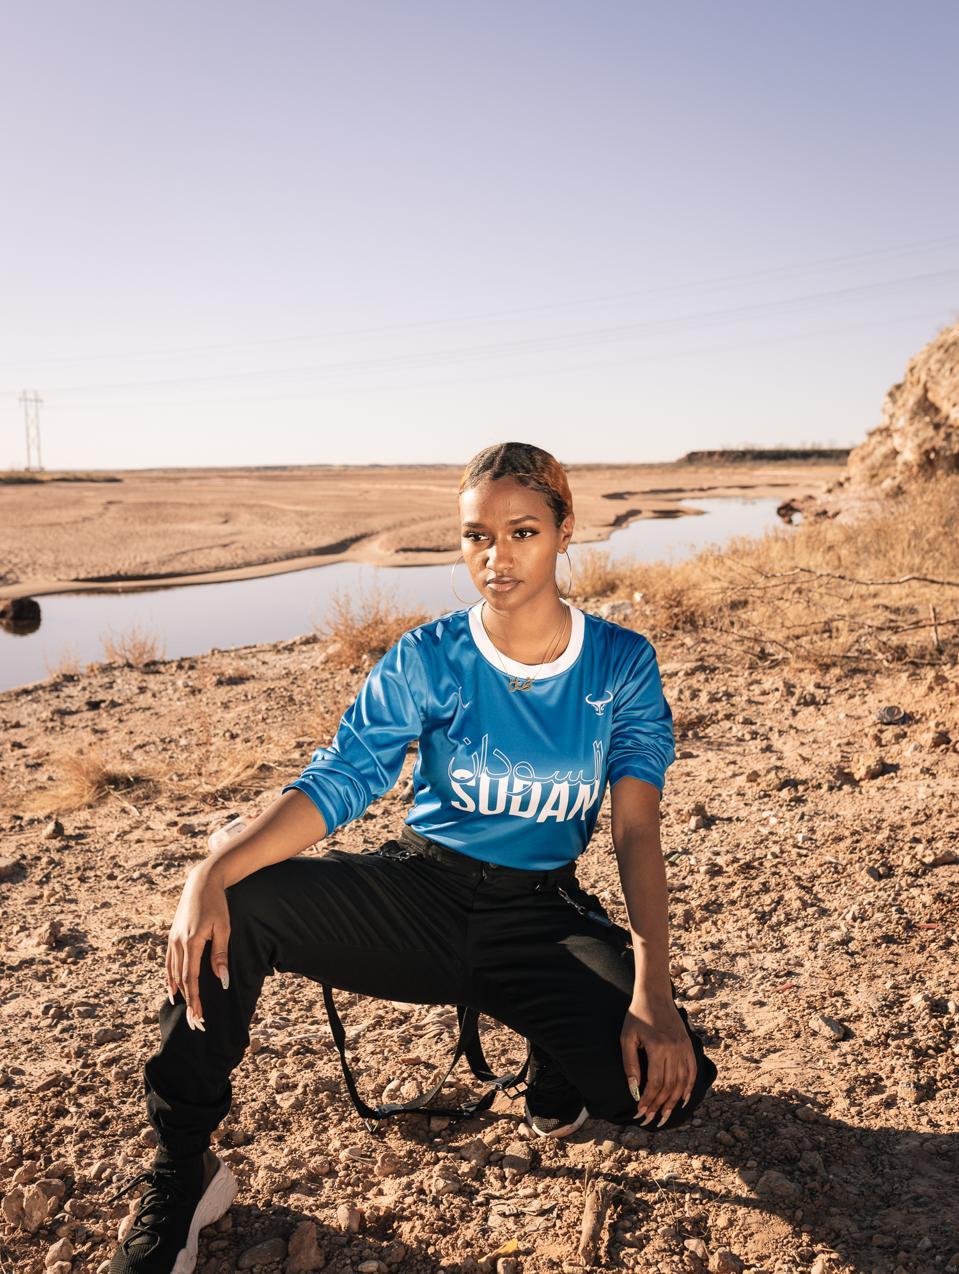 Amal Rudwan, Sudanese model wearing MIZIZI